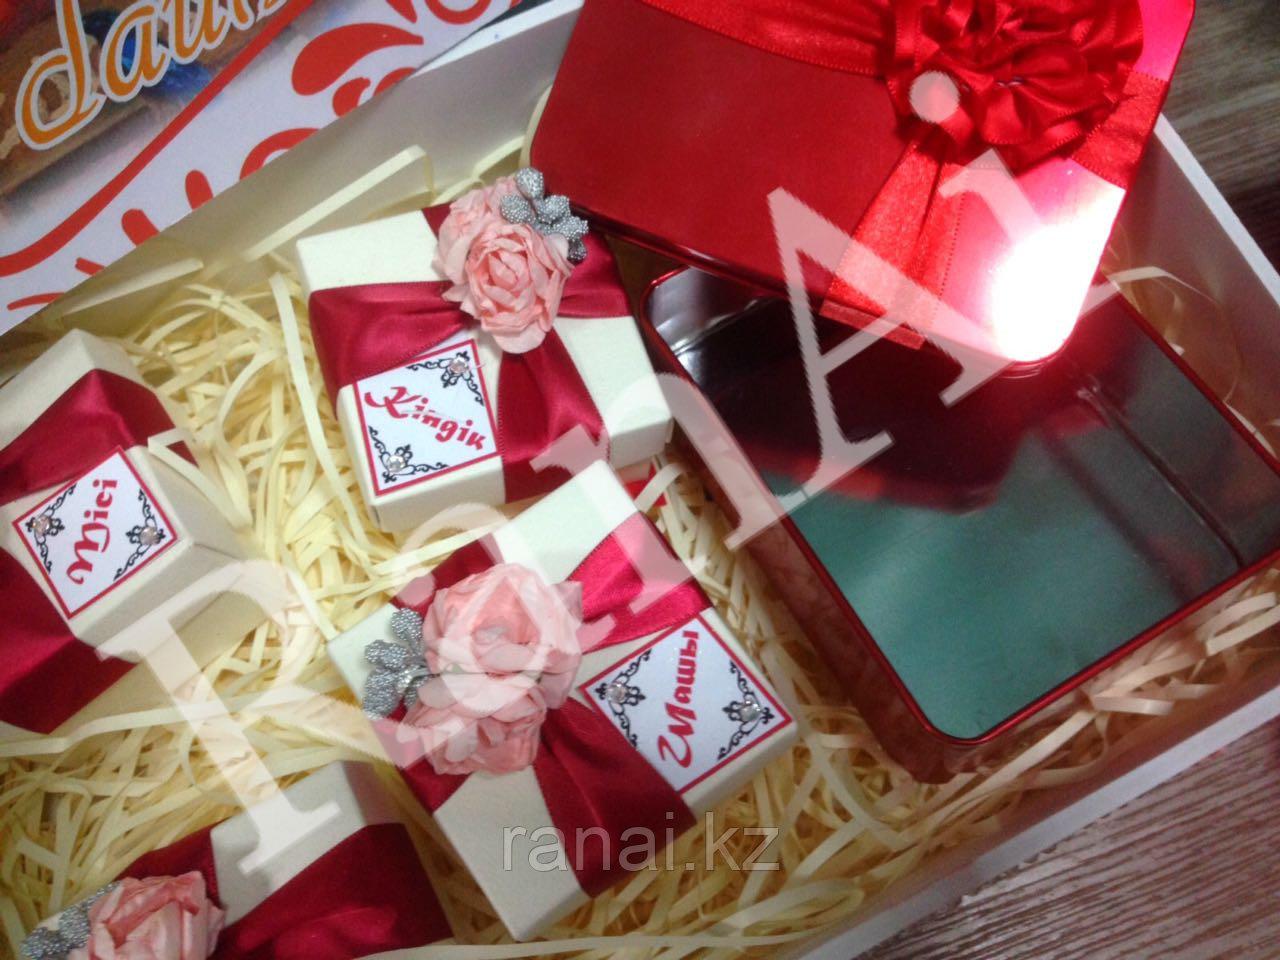 Набор коробочек Мамины сокровища,Анасының байлығы - фото 4